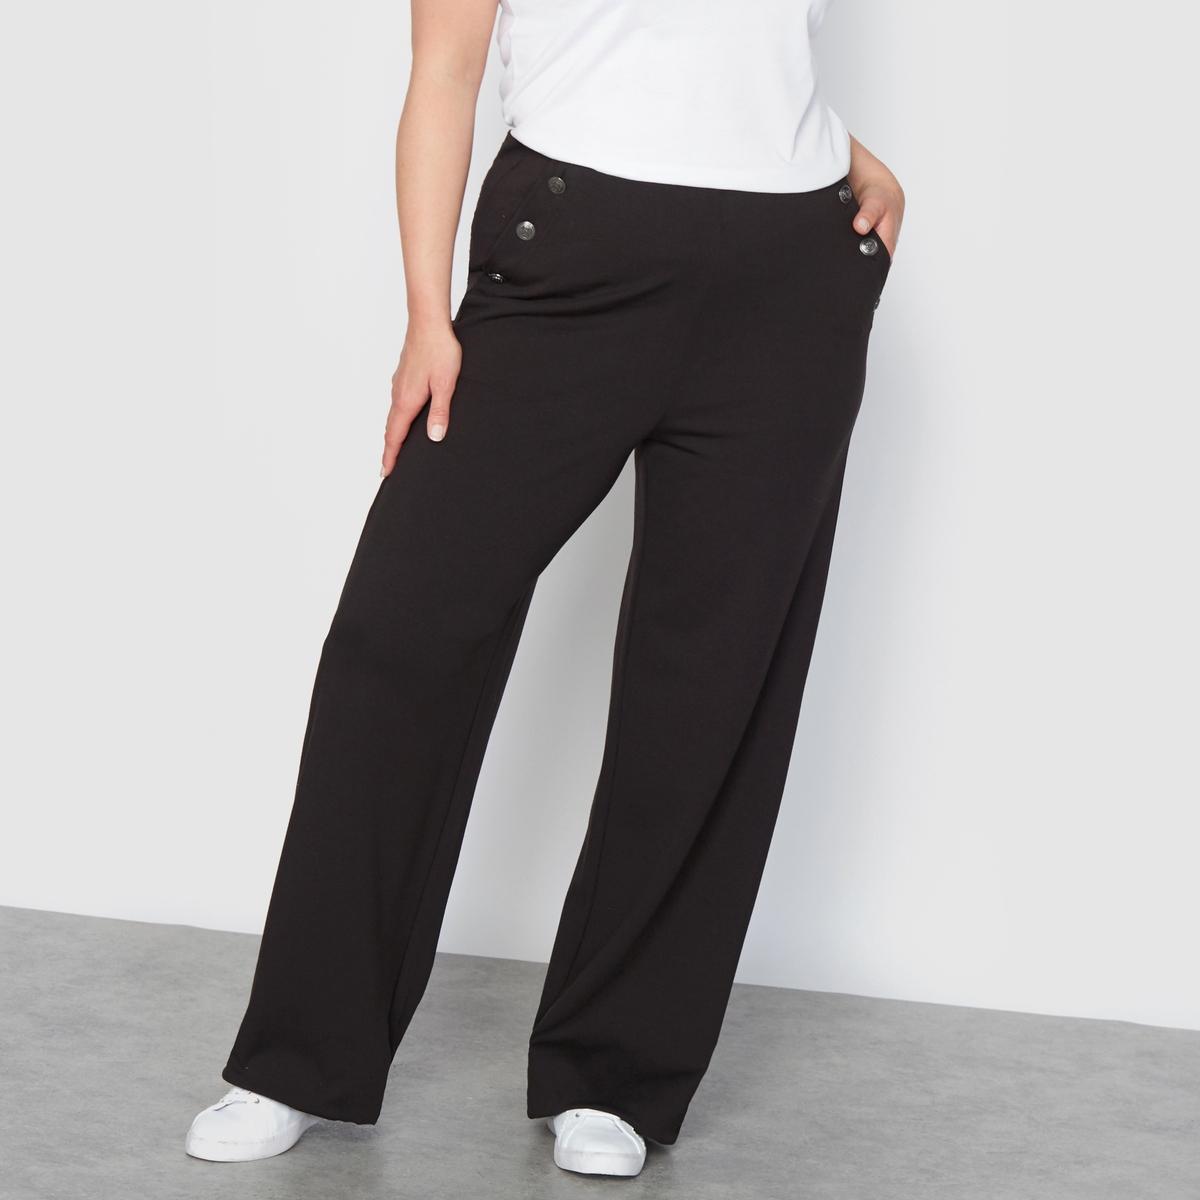 Брюки широкие трикотажные с завышенной талиейШирокие трикотажные брюки с завышенной талией.. Красивые брюки из комфортного трикотажа.Эластичный пояс (широкая плоская резинка внутри пояса). 2 кармана по бокам. 3 металлические пуговицы с каждой стороны высокого пояса.Состав и описание :Материал :Великолепный плотный и мягкий трикотаж отлично садится, 65% вискозы, 28% полиамида, 7% эластана.Длина по внутр.шву 78 см. Ширина по низу: 30 см .Марка : CASTALUNA.Уход : Машинная стирка при 30° на деликатном режиме.<br><br>Цвет: черный<br>Размер: 46 (FR) - 52 (RUS).52 (FR) - 58 (RUS).42 (FR) - 48 (RUS)